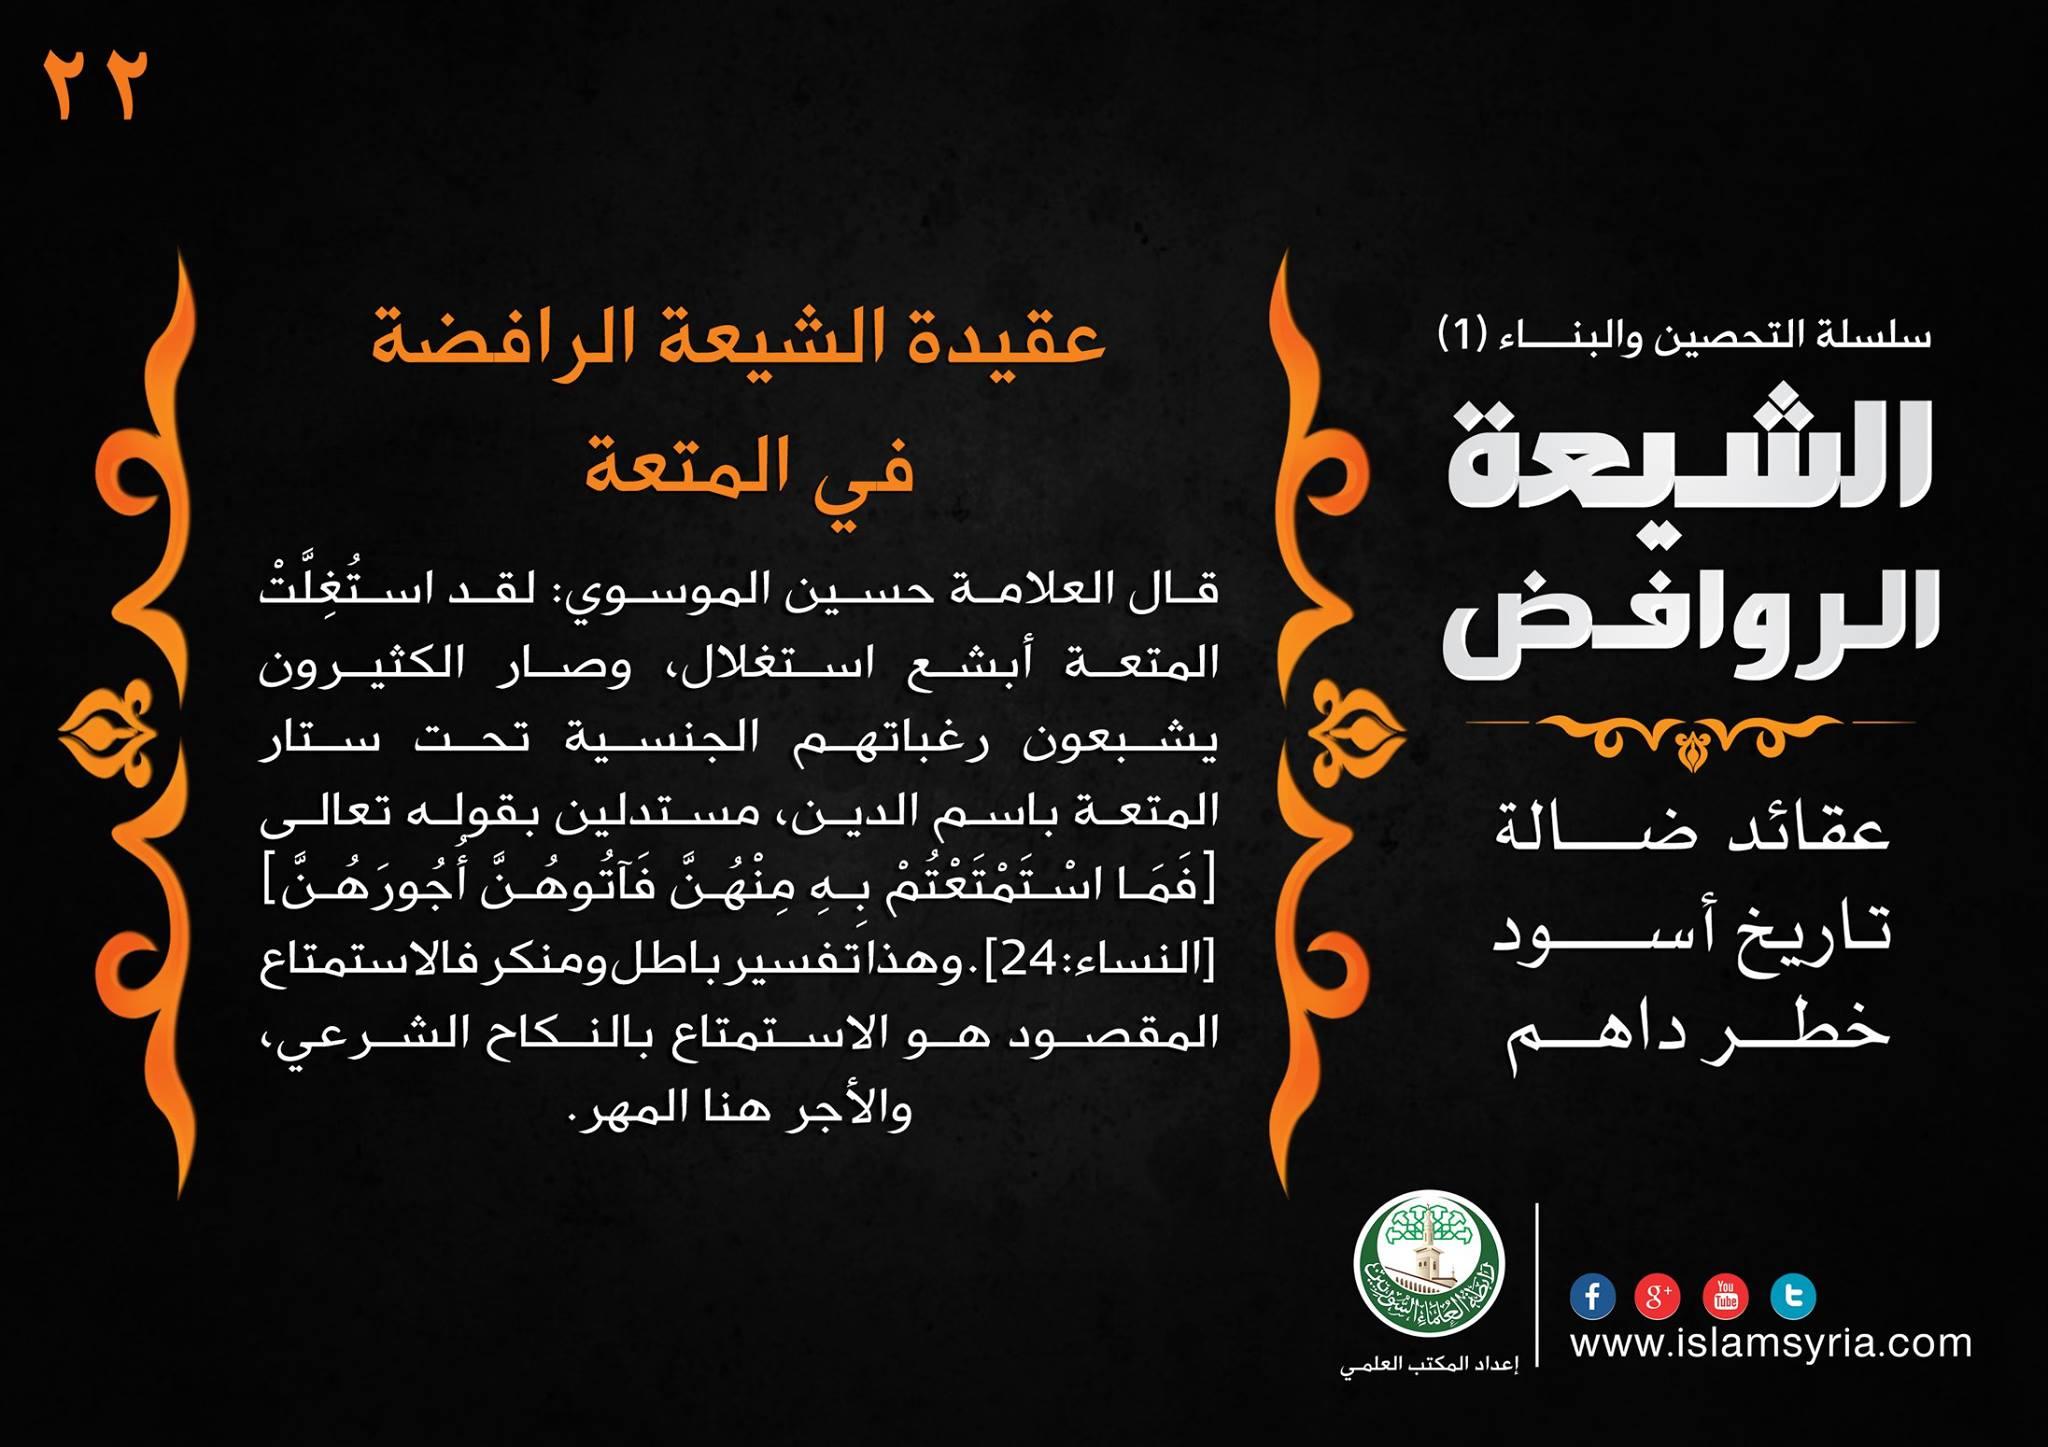 سلسلة التحصين والبناء -22- الشيعة الروافض